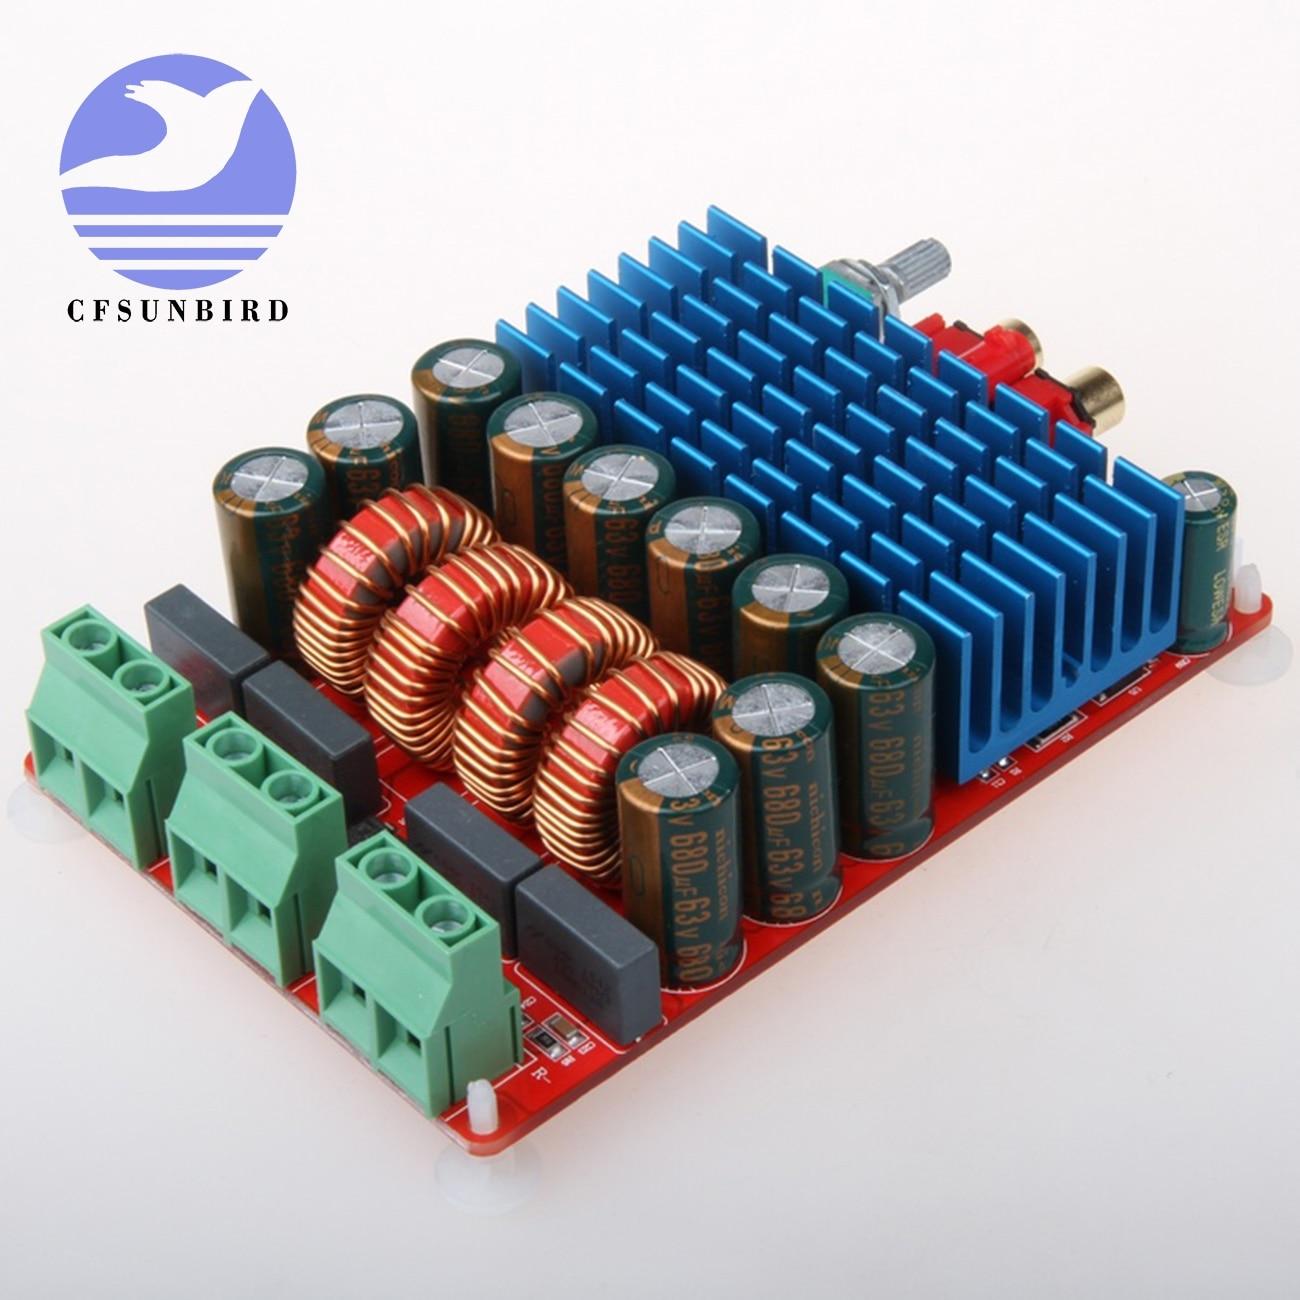 Цифровой стерео усилитель Hi Fi TAS5630 Плата усилителя класса D высокой мощности 2x300